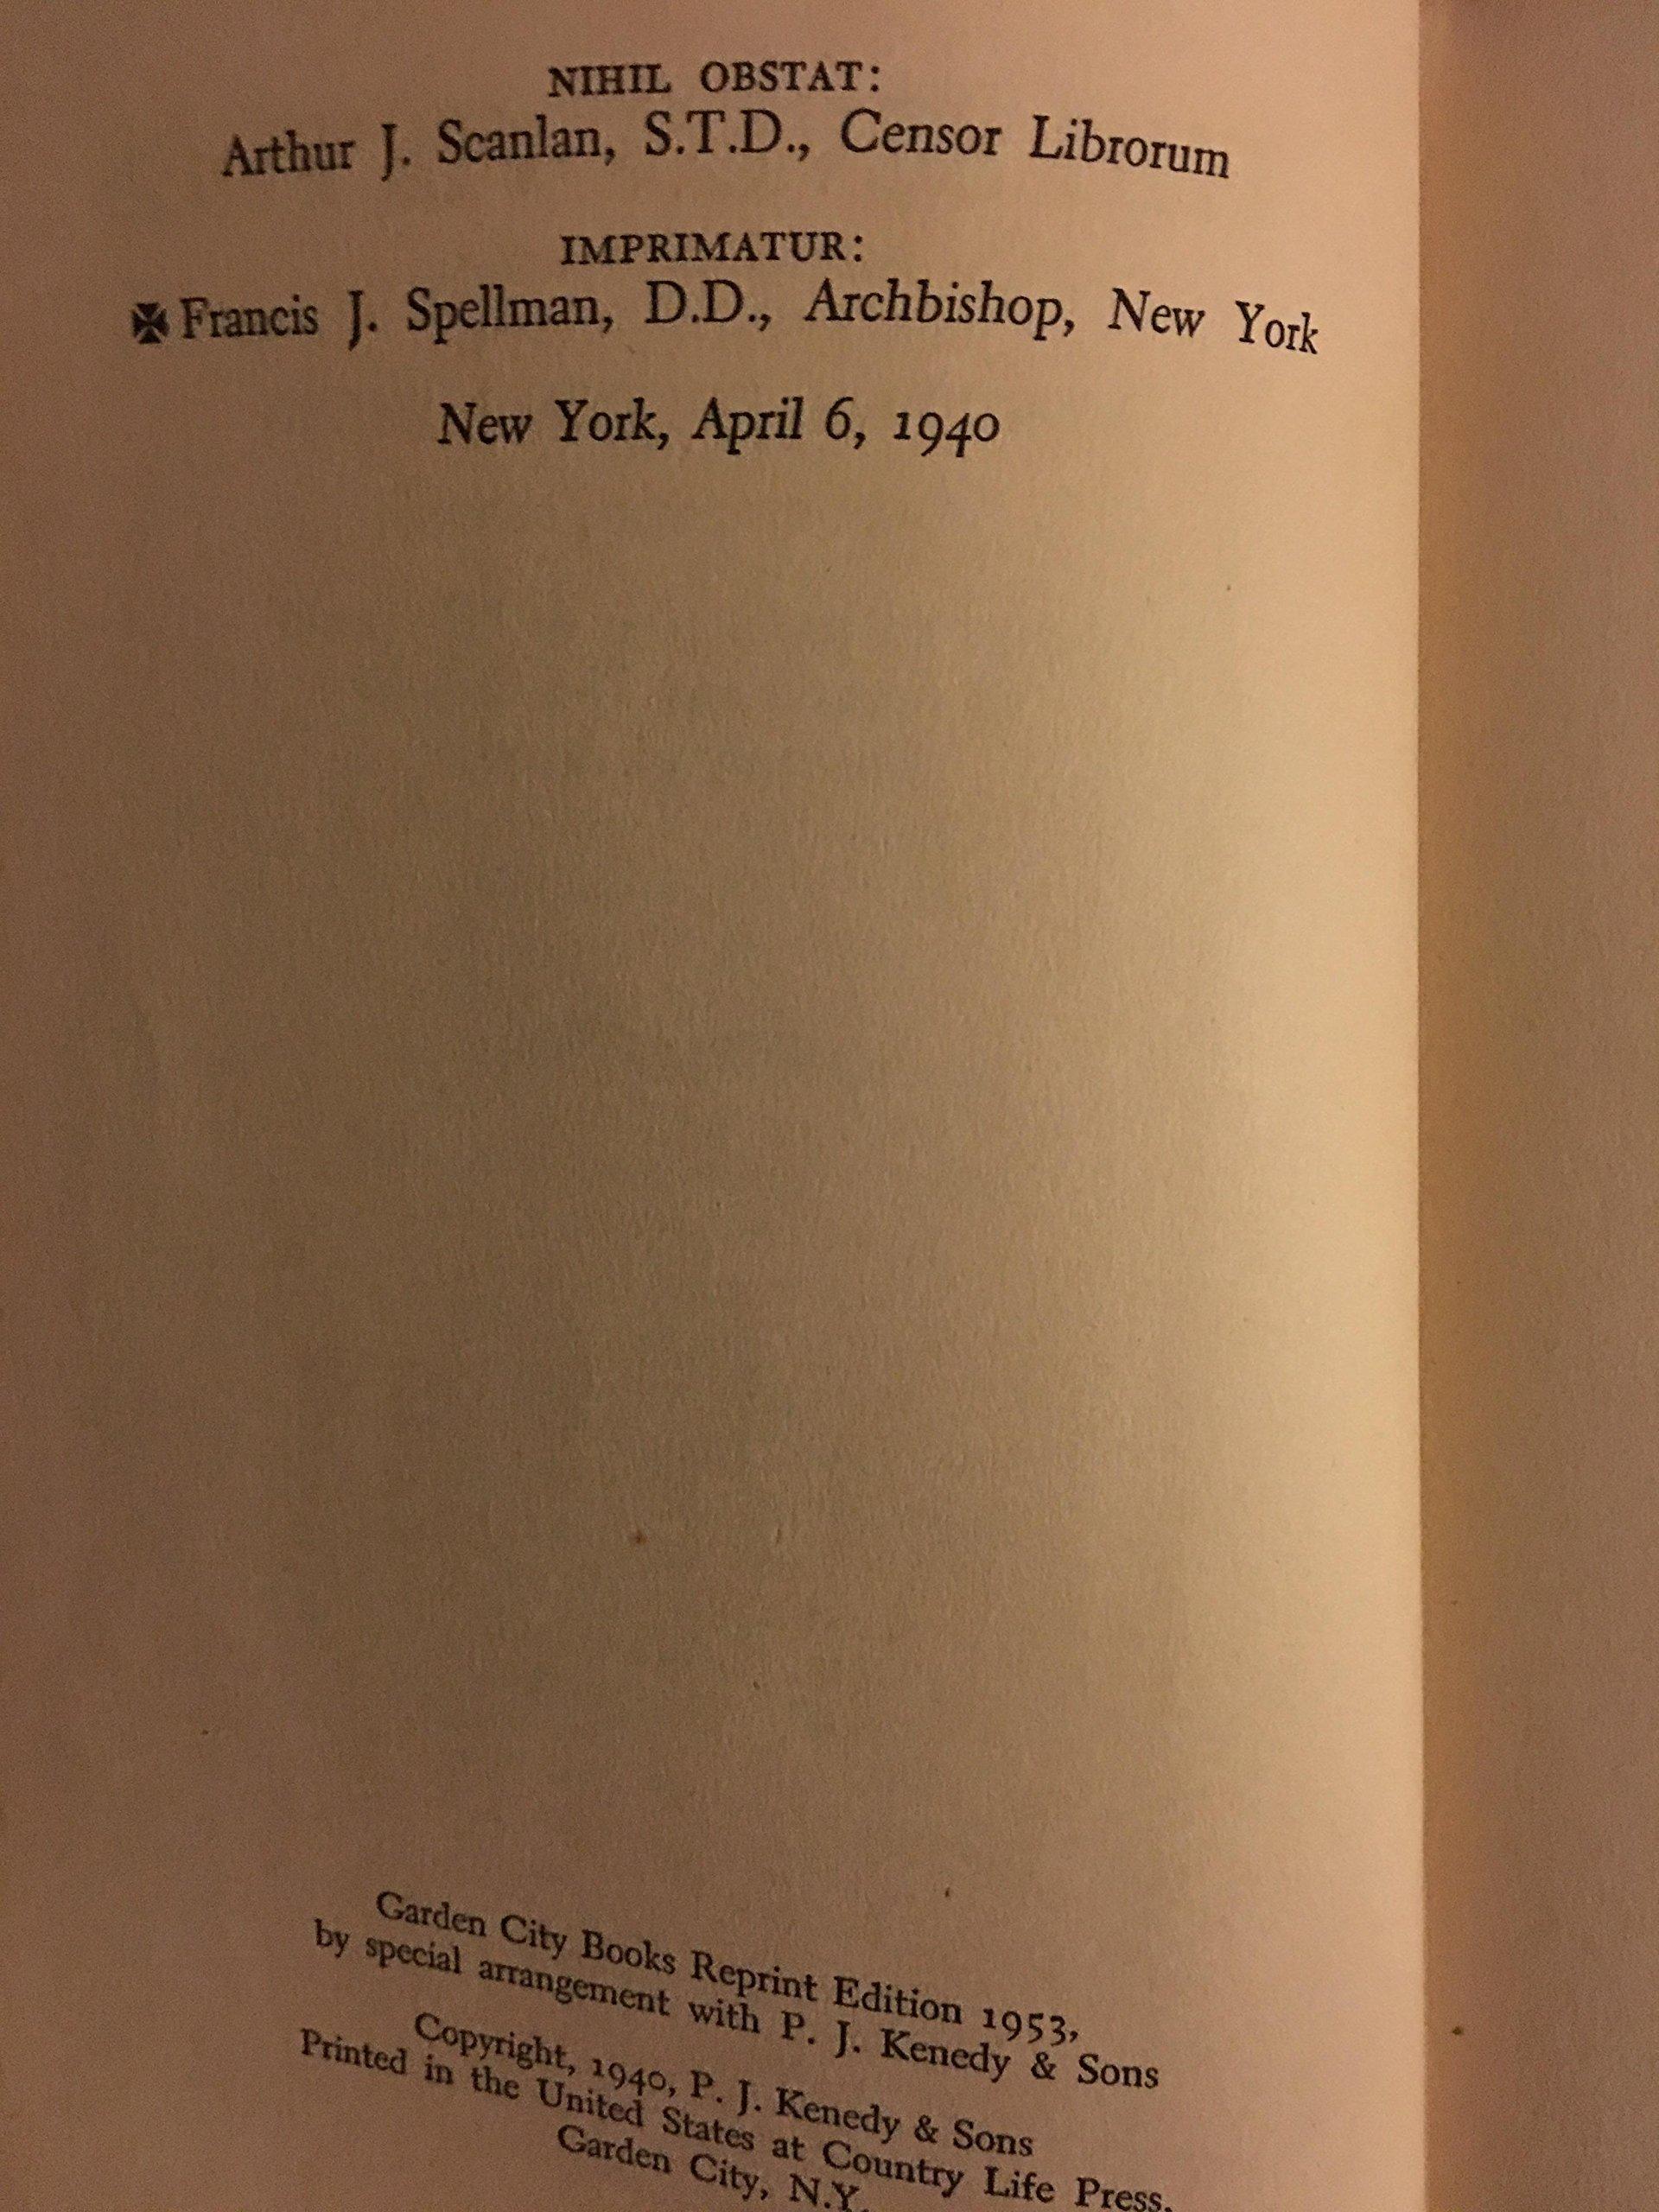 THE SEVEN VIRTUES.: Rt. Rev. Fulton J. Sheen: Amazon.com: Books